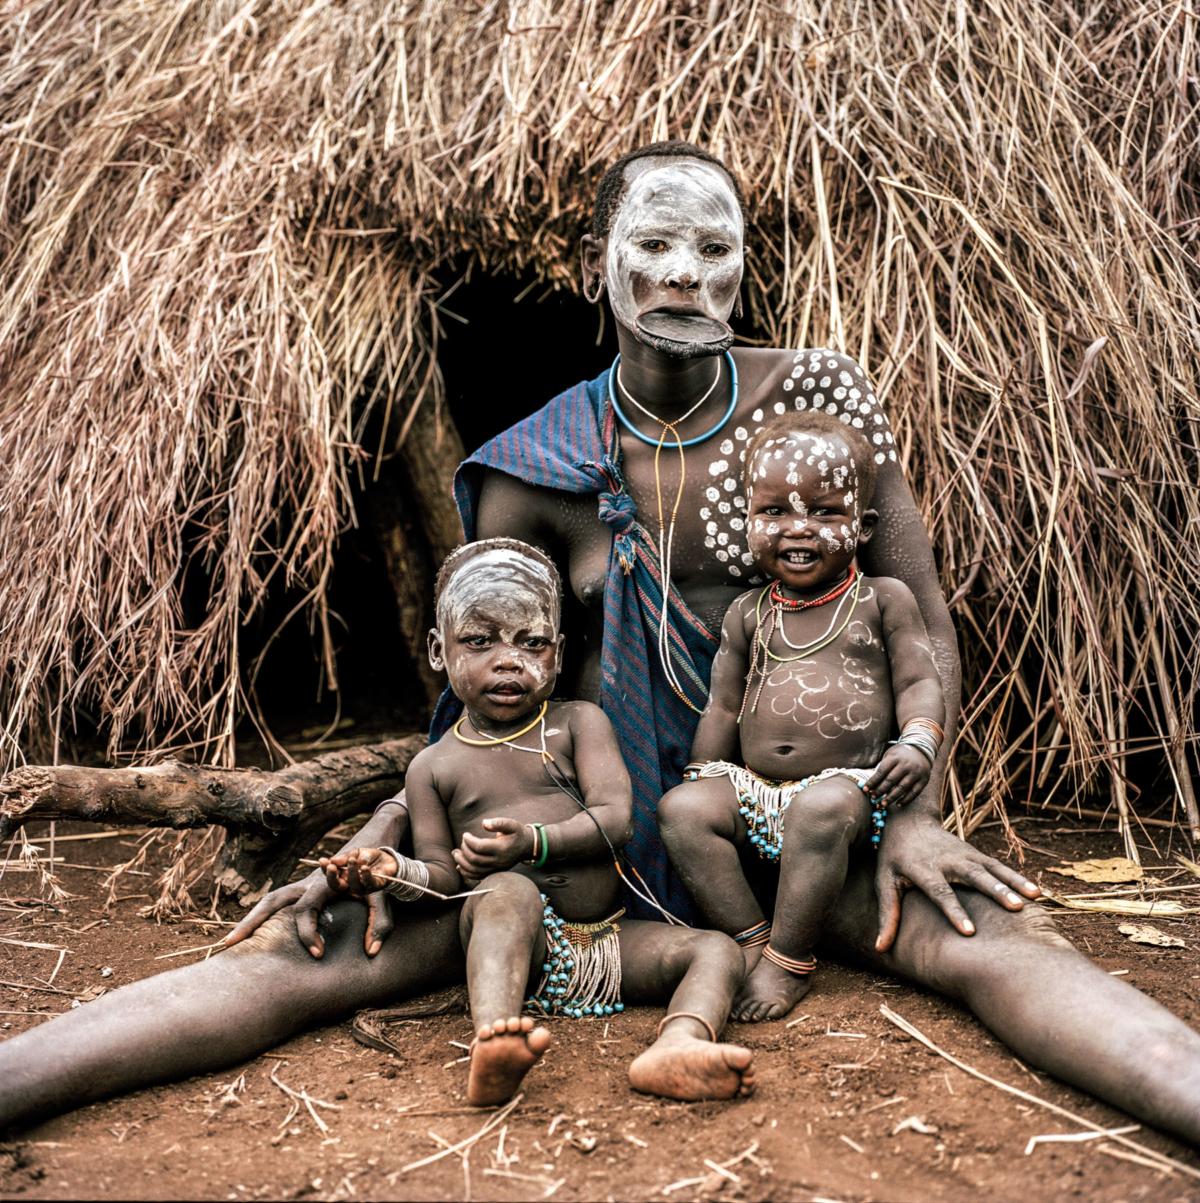 Surmas #9, Ethiopie, 2011 Photographie Fine Art print sur papier Hahnemühle 100 x 100 cm, SG-SU09 ©Stephan Gladieu